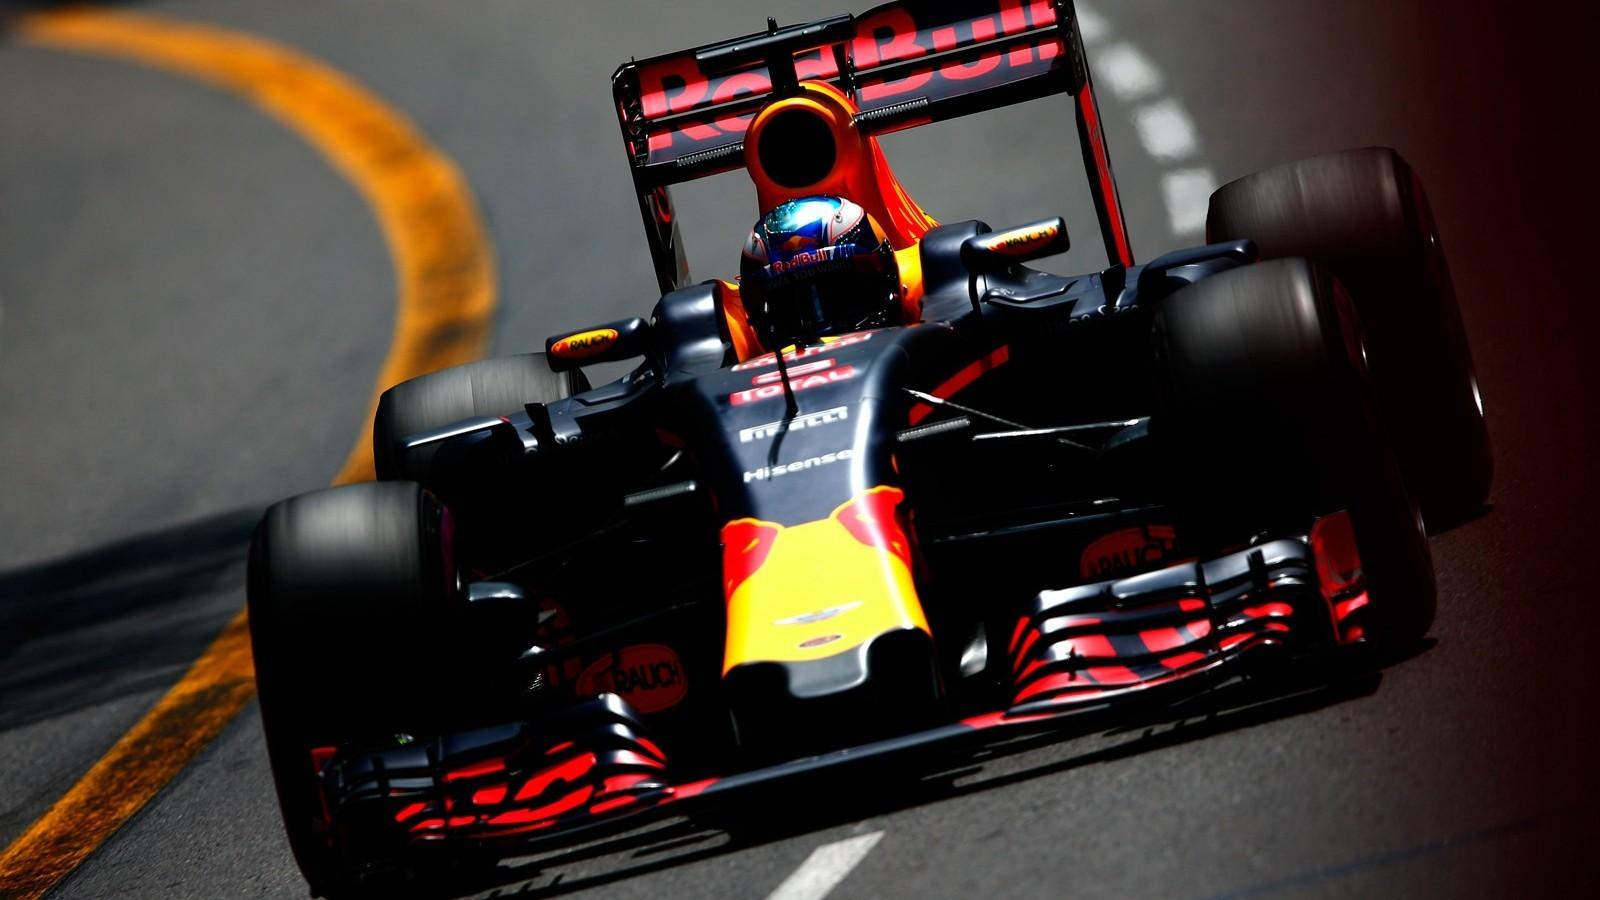 Даниэль Риккардо на двух Гран-при подряд был быстрее своего нового напарника